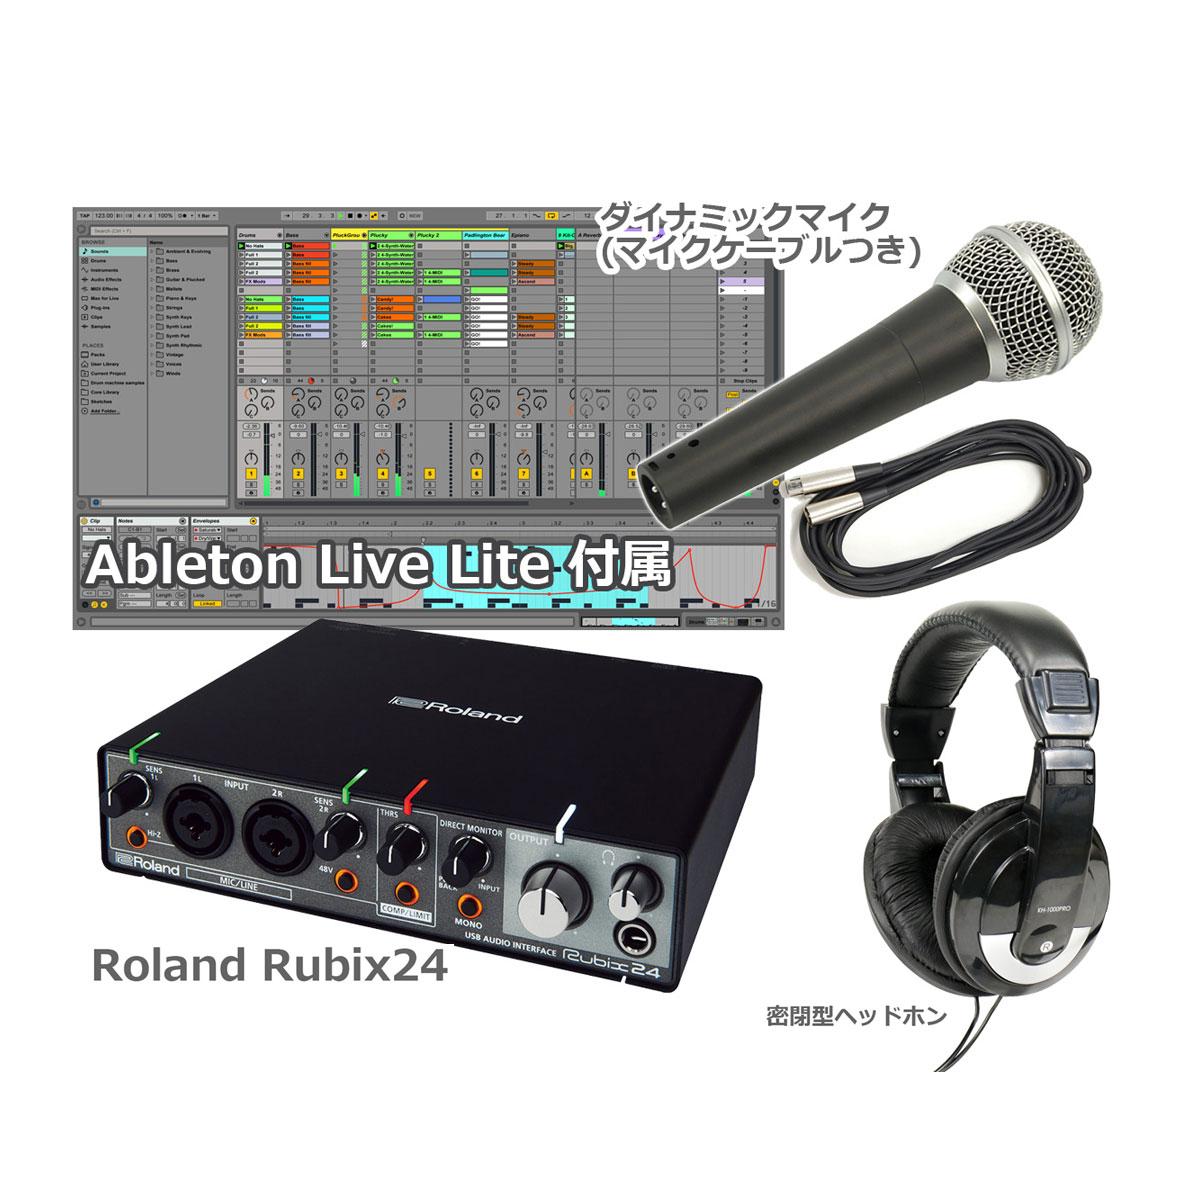 Roland ローランド / Rubix24【スタートセット!】USBオーディオ・インターフェース【YRK】